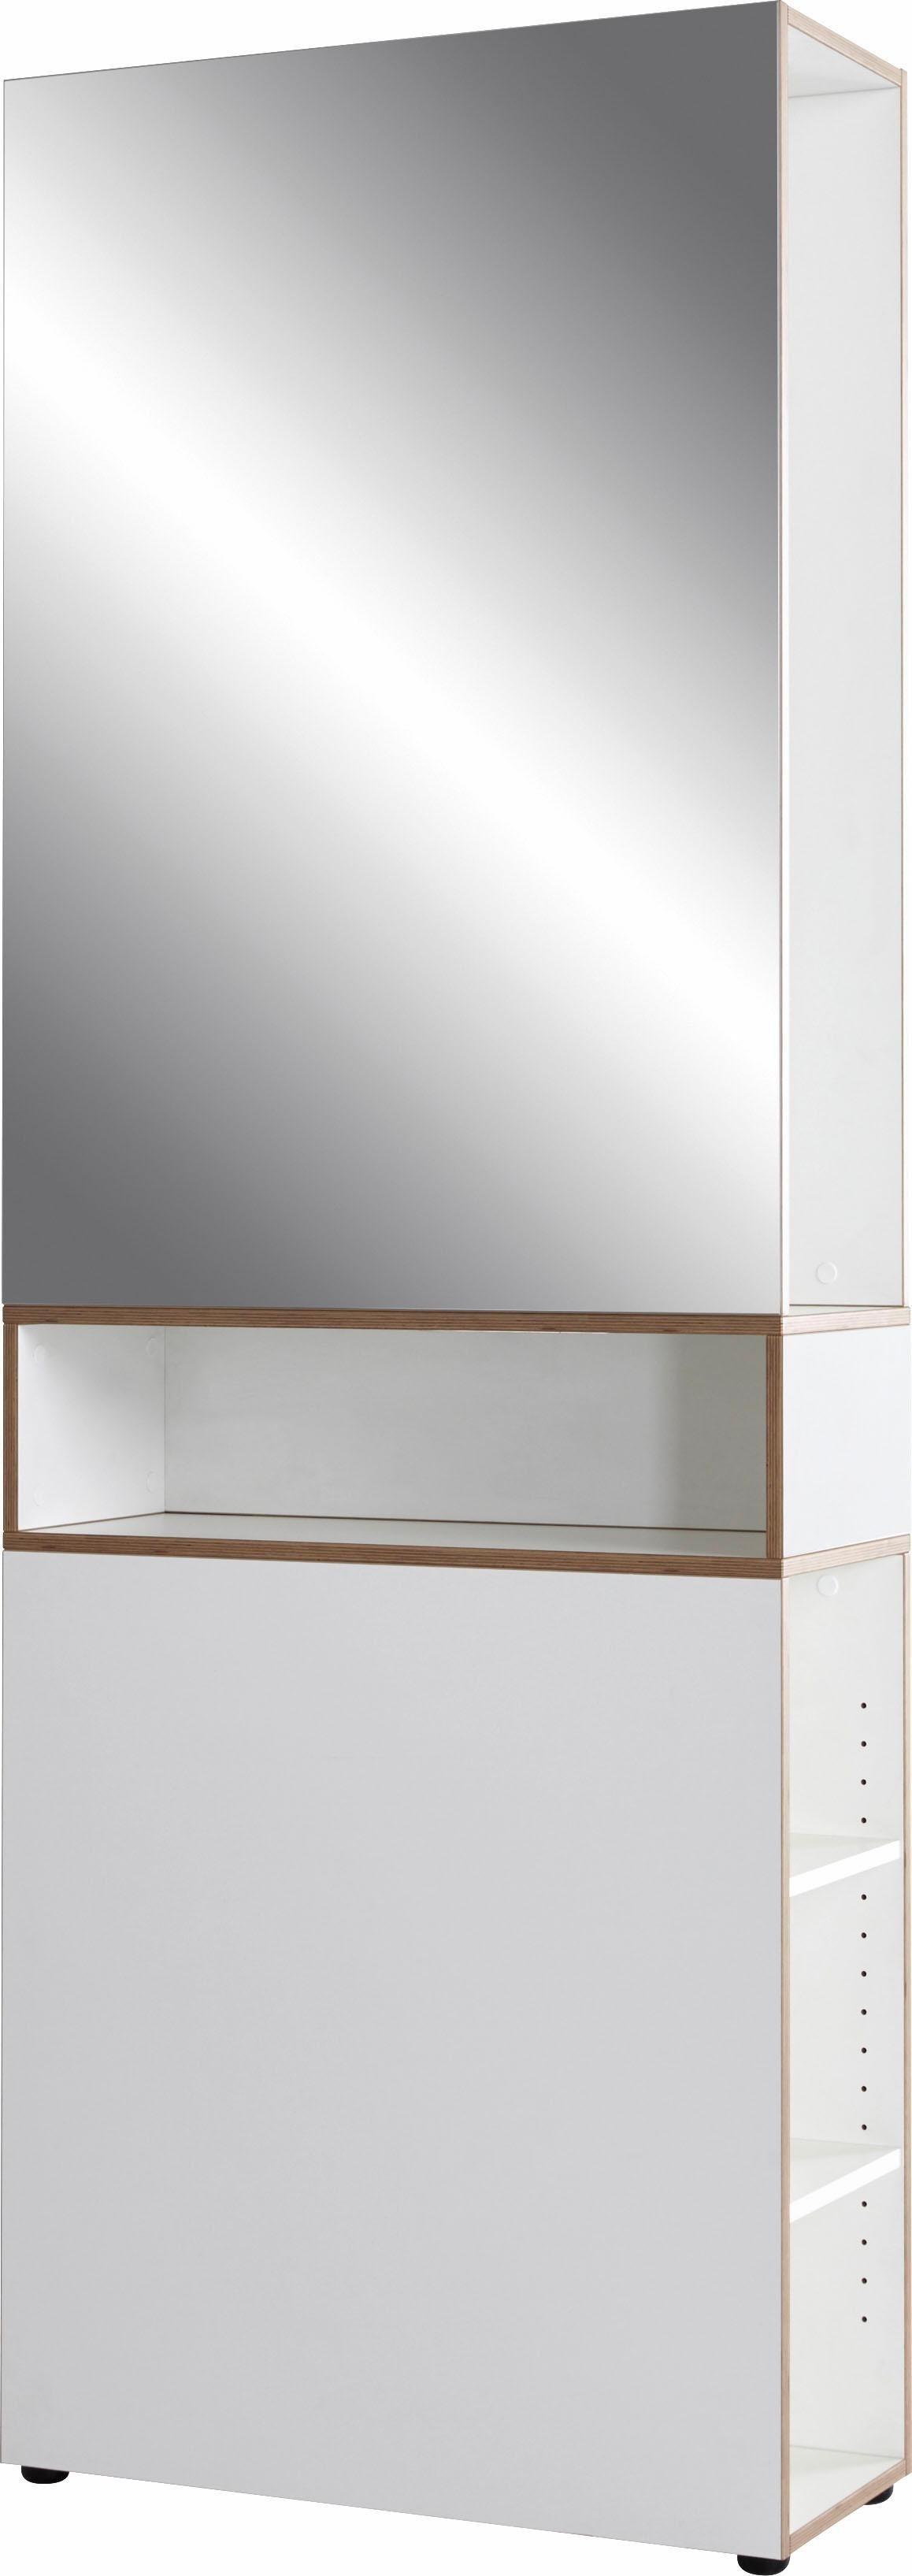 Garderobenschrank »Dressmate« mit Spiegel